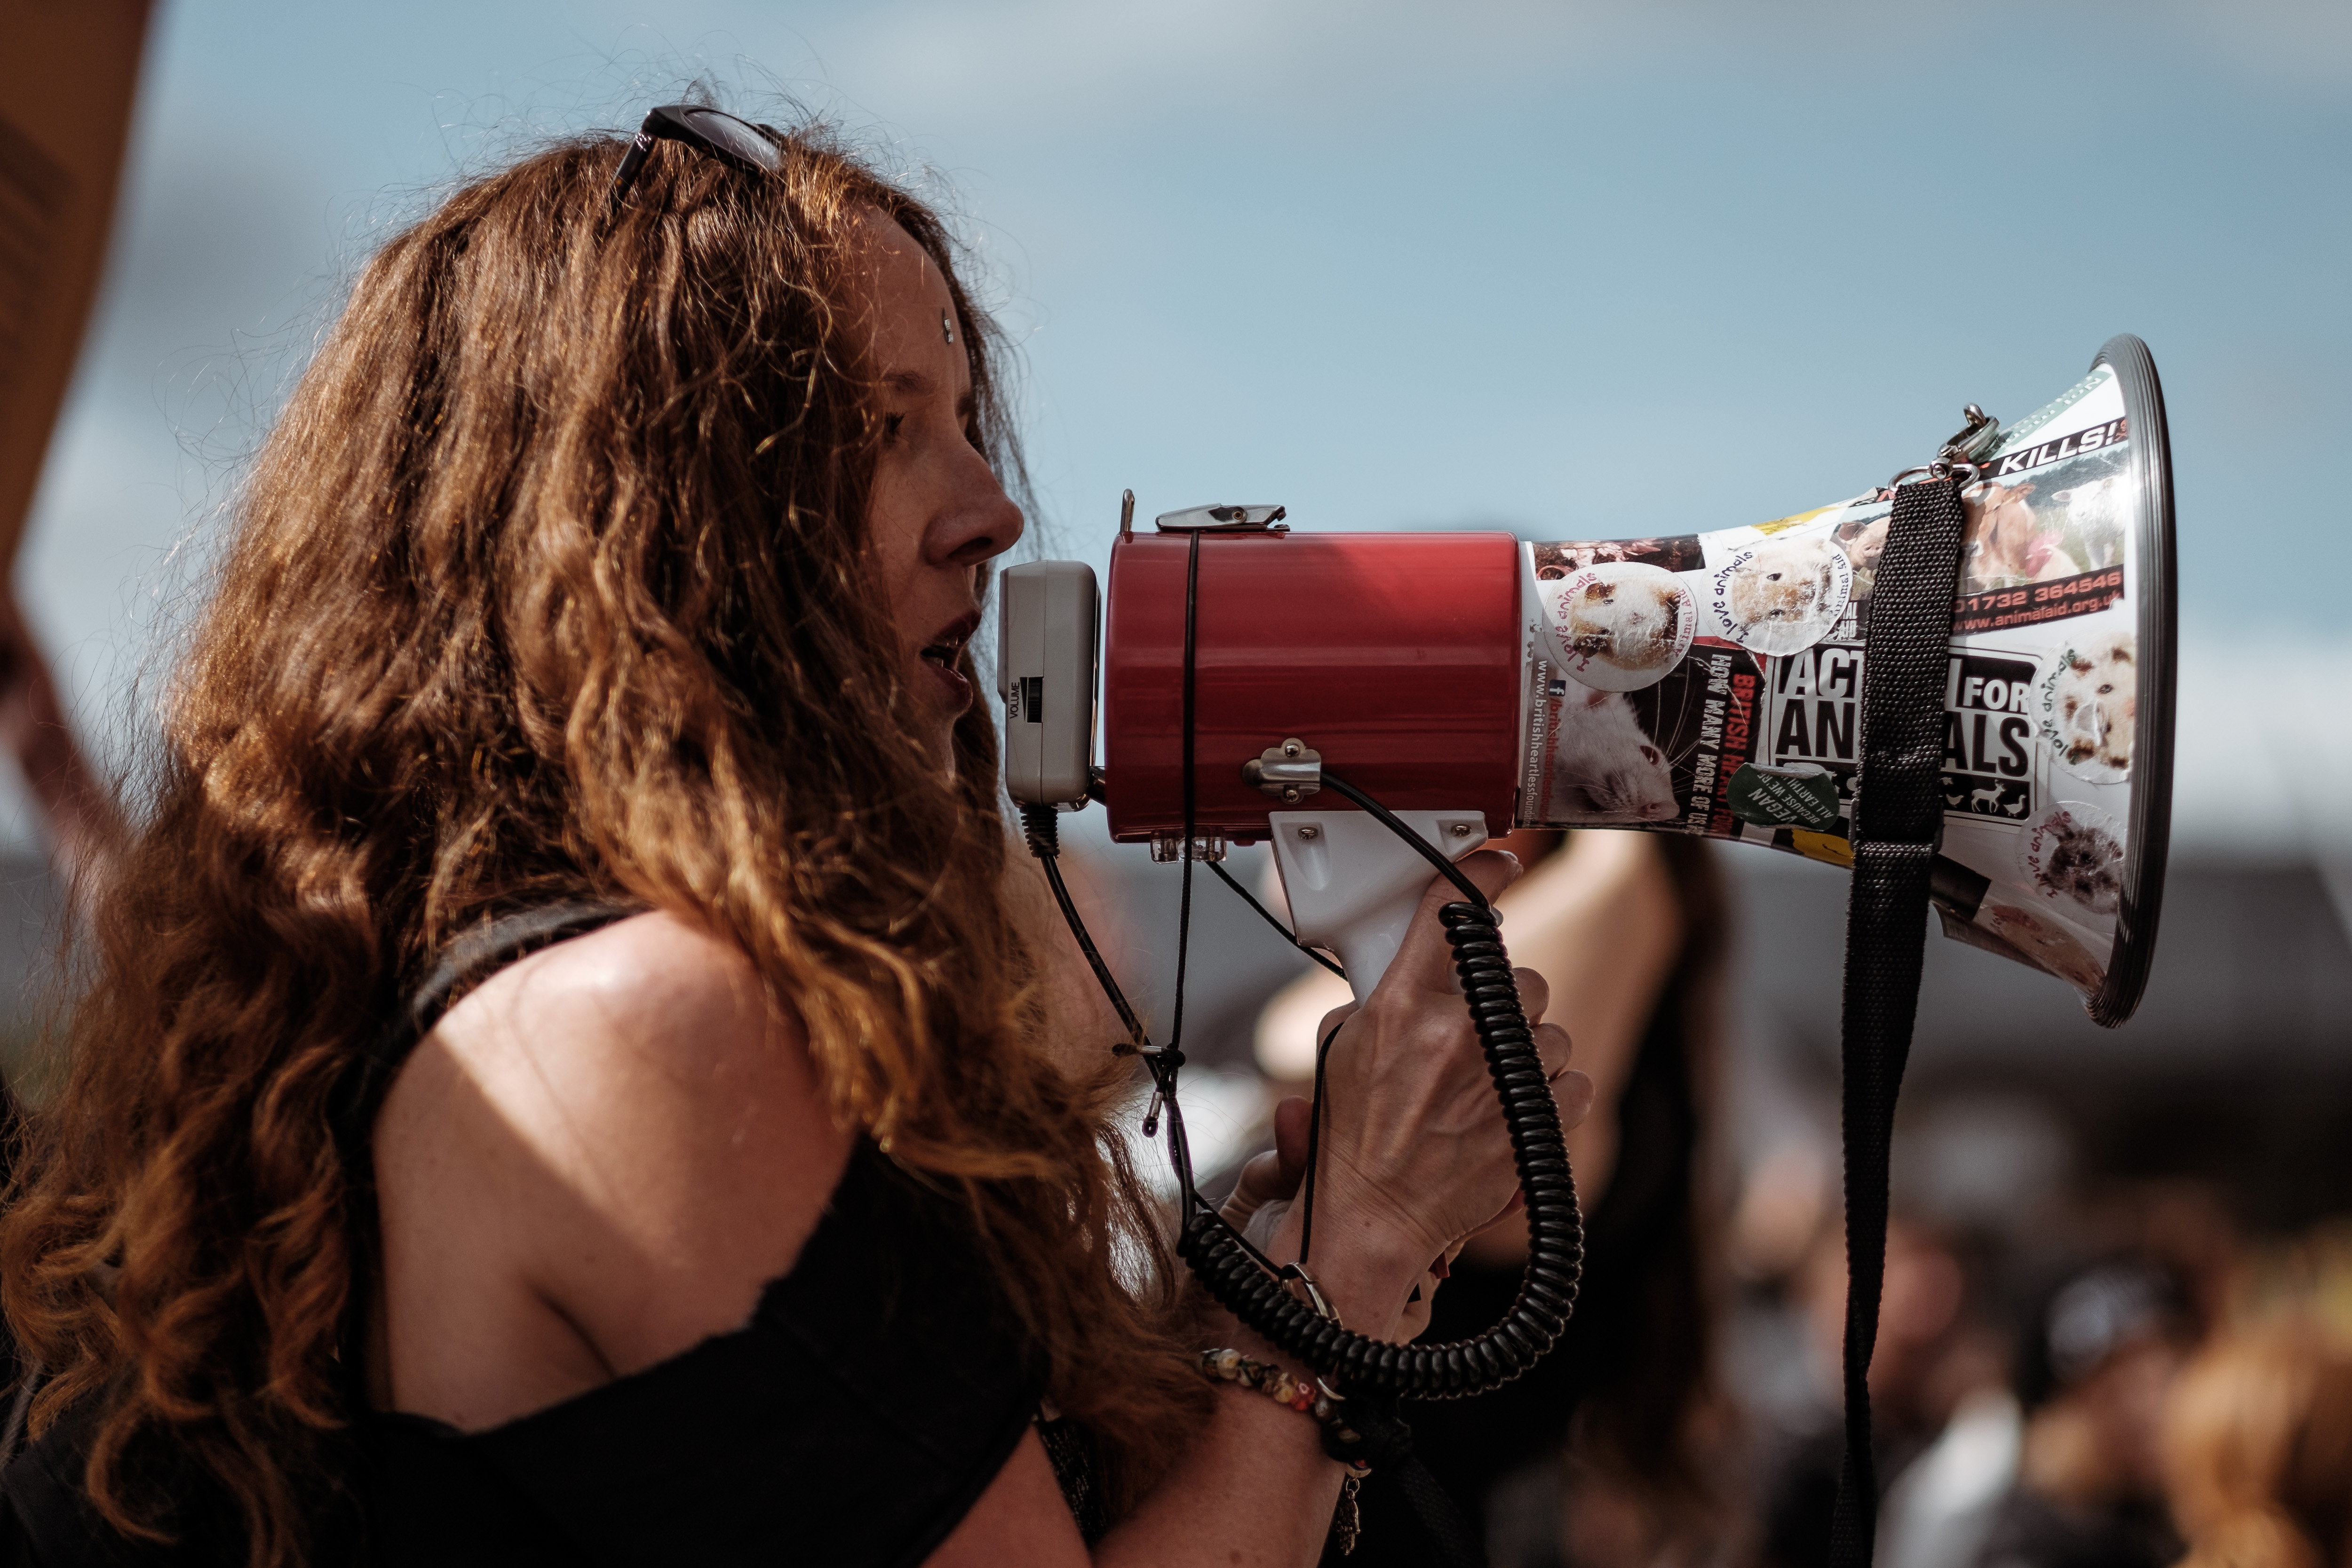 Niederlande – 125 Tierschutzaktivisten besetzten Schweinestall